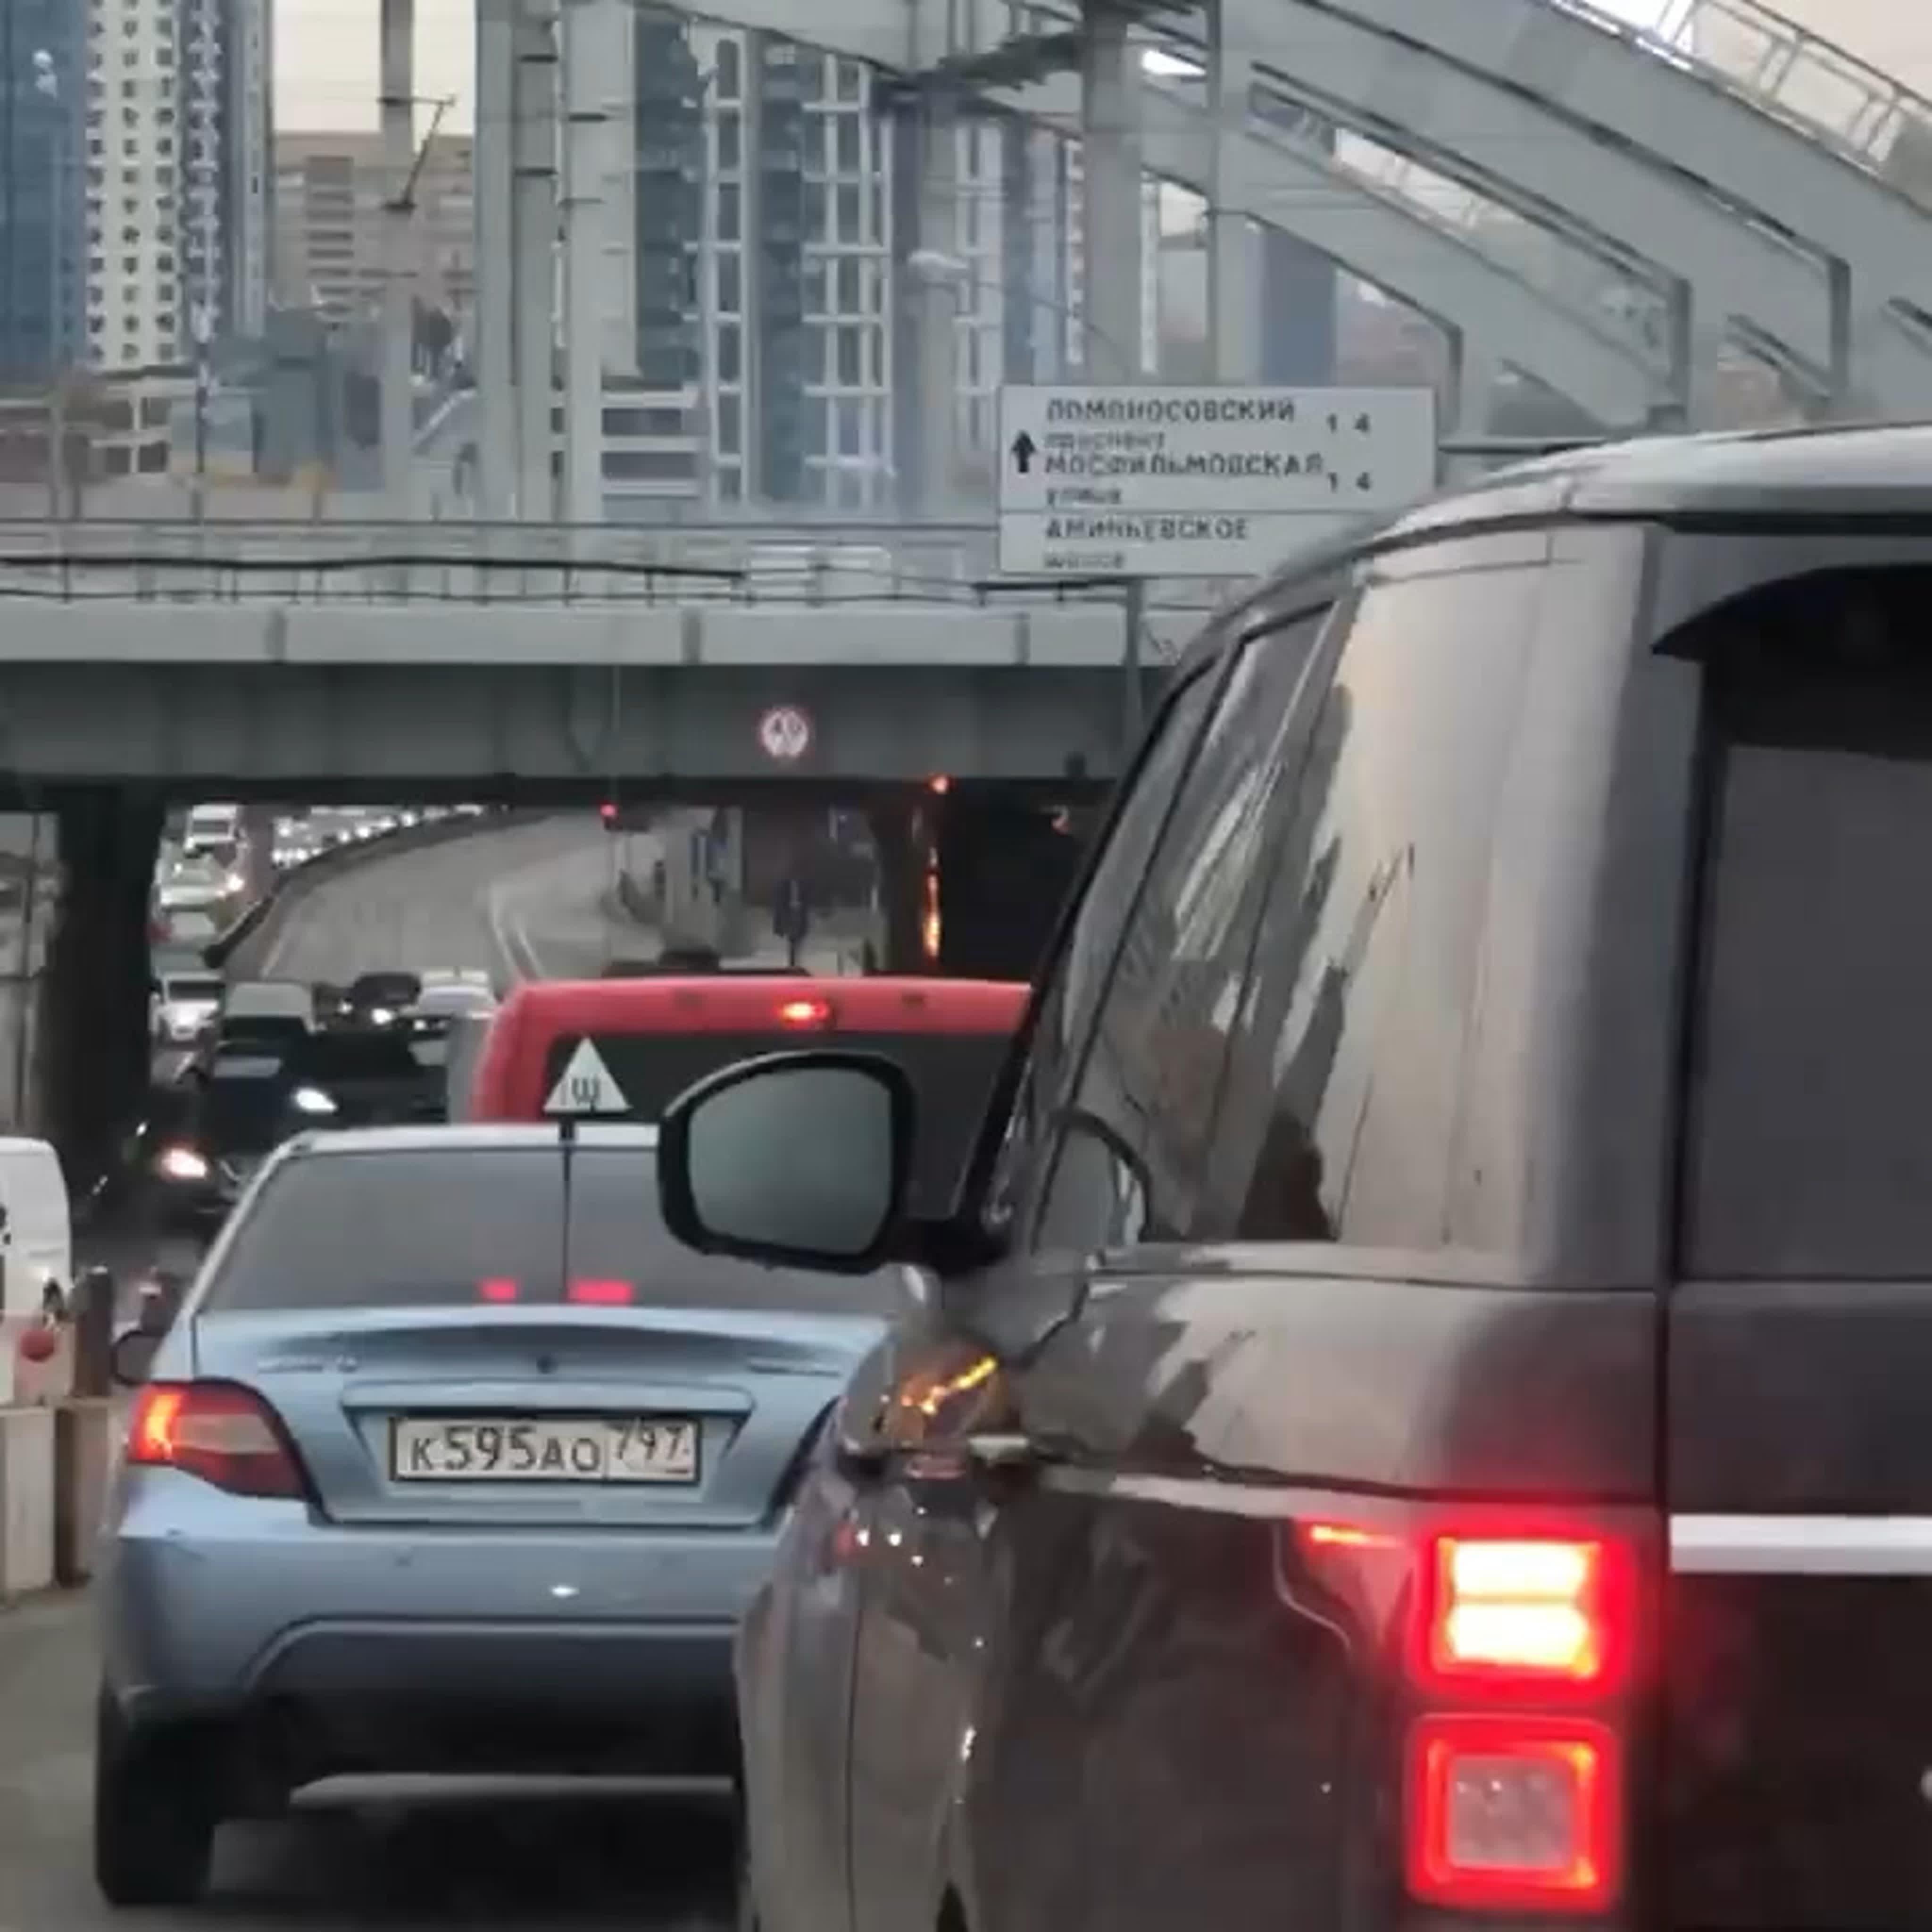 Мост для МЦД в районе ТПУ Минская чуть-чуть подгорел, но его смогли потушить лопатами